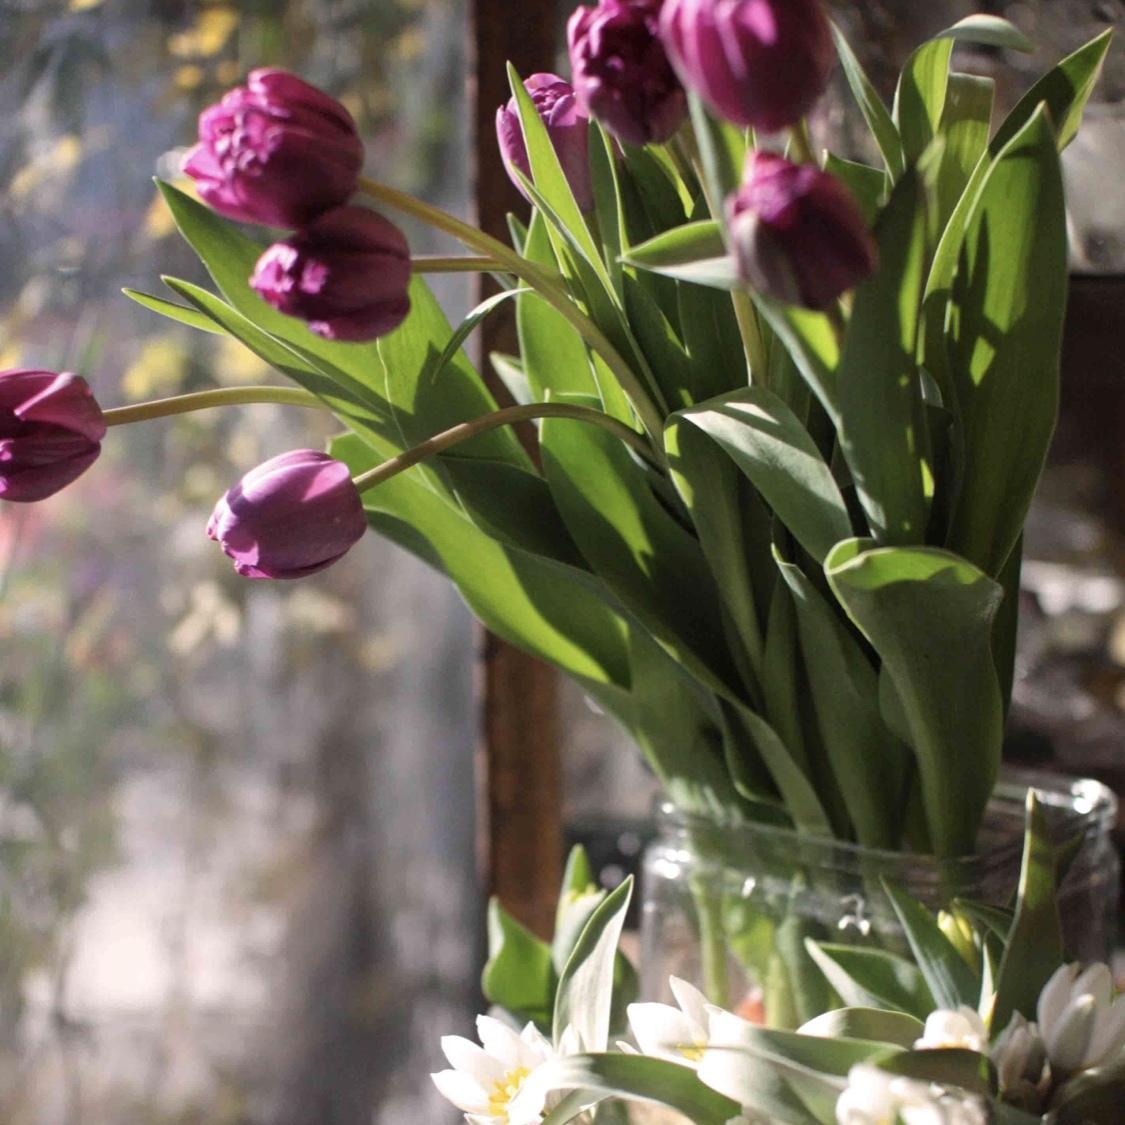 Fleurs de saison (季節の花*定期便 1か月2回)